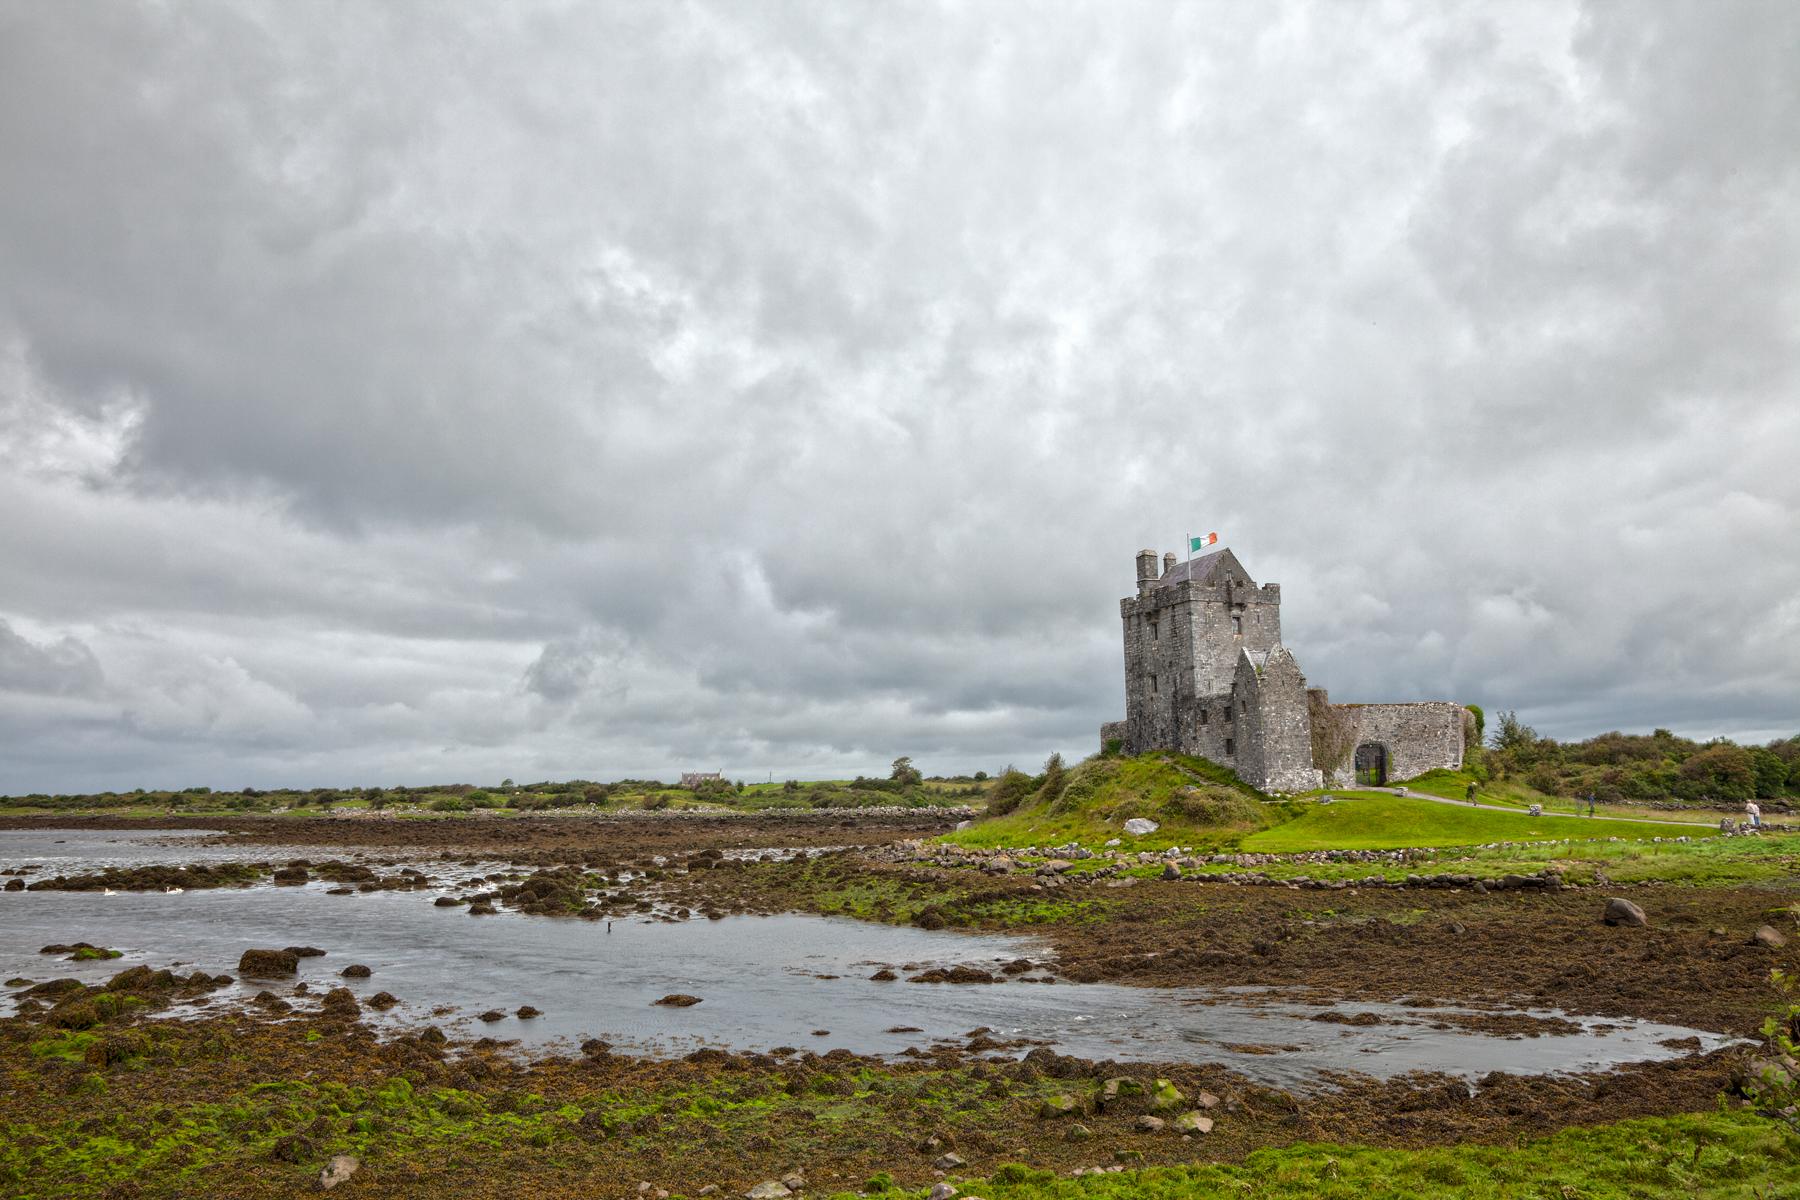 Dunguaire castle - hdr photo